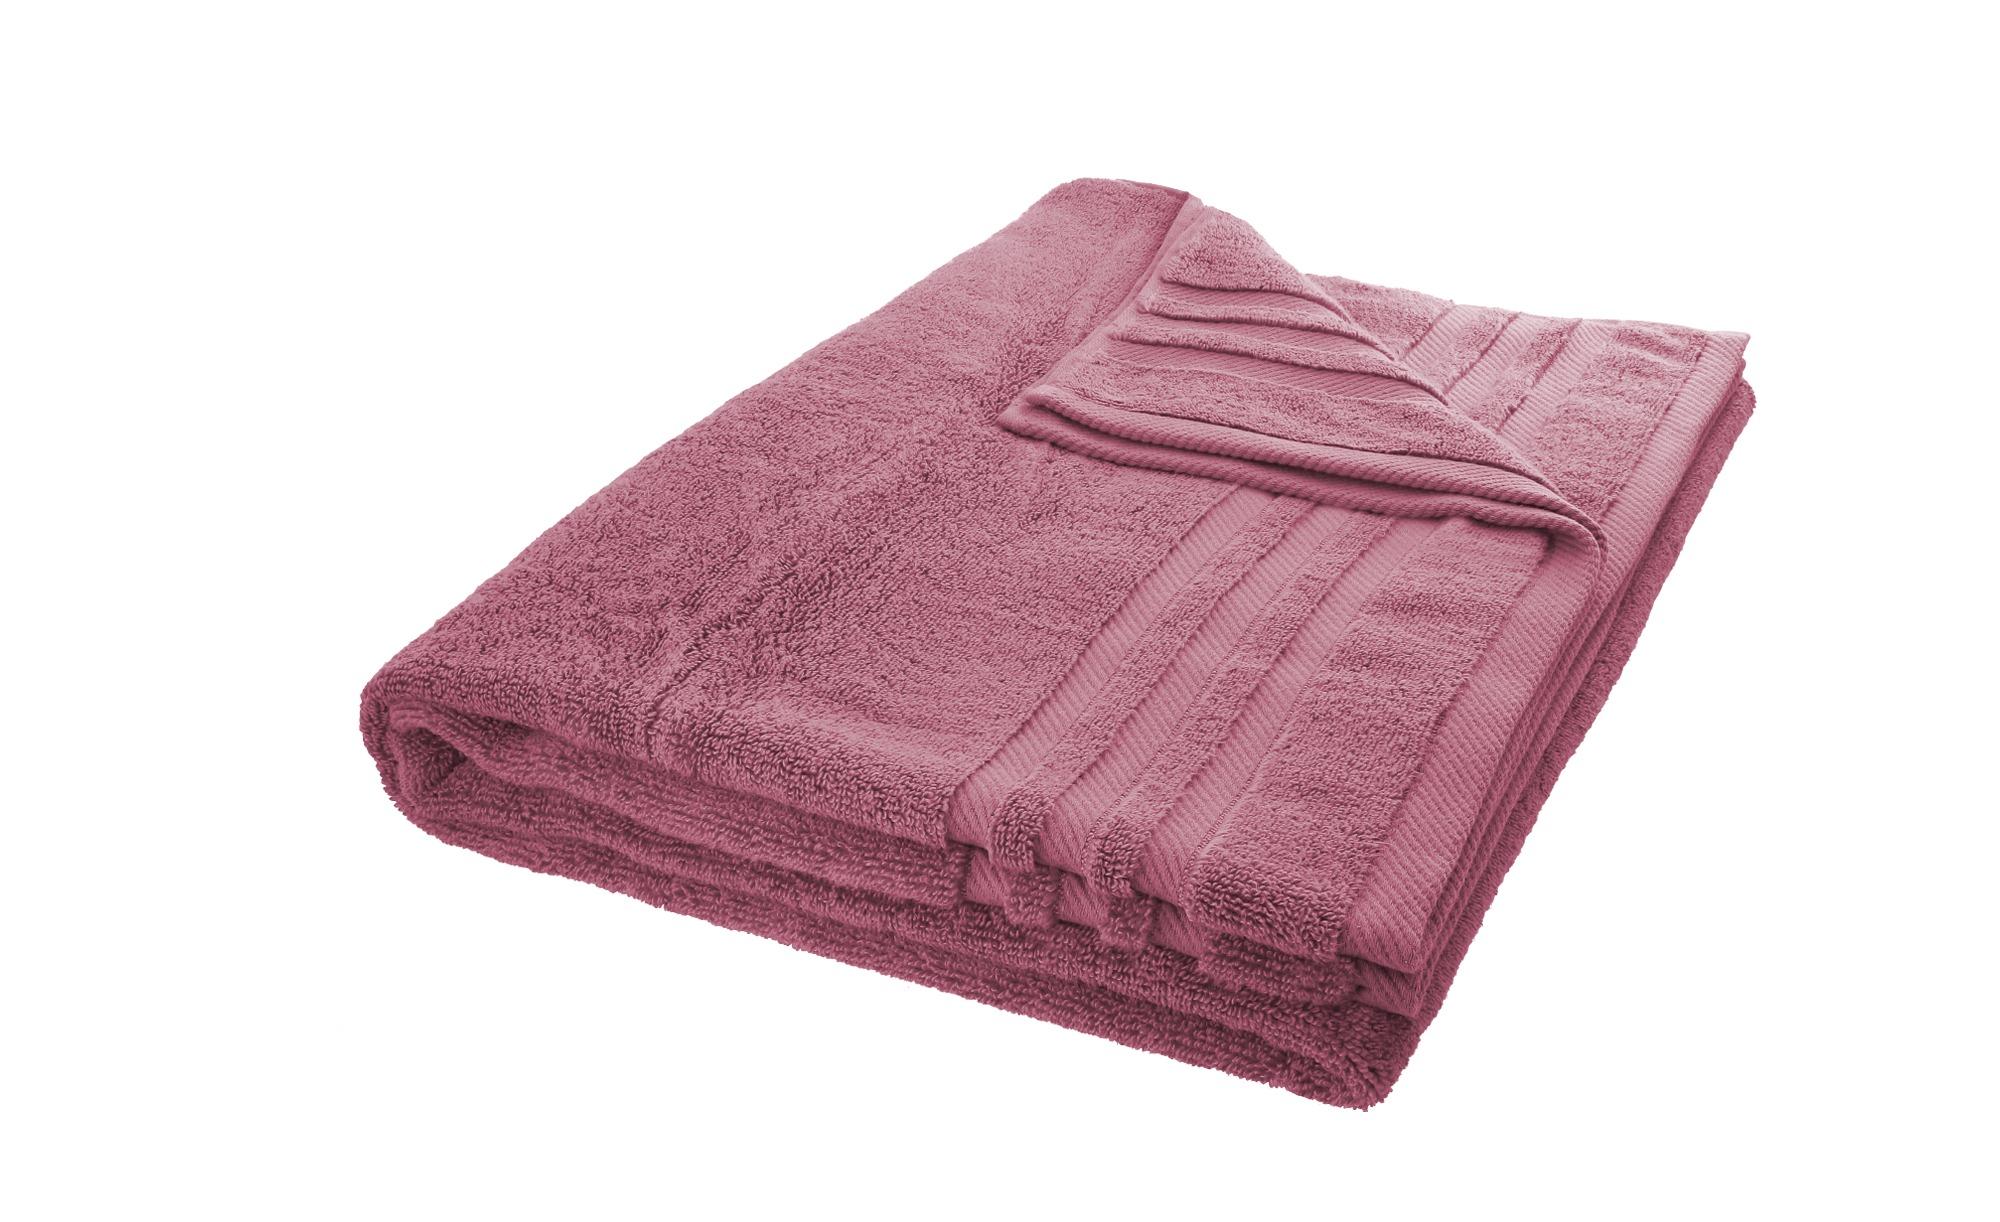 LAVIDA Badetuch  Soft Cotton ¦ lila/violett ¦ reine Micro-Baumwolle ¦ Maße (cm): B: 100 Badtextilien und Zubehör > Handtücher & Badetücher > Badetücher & Saunatücher - Höffner